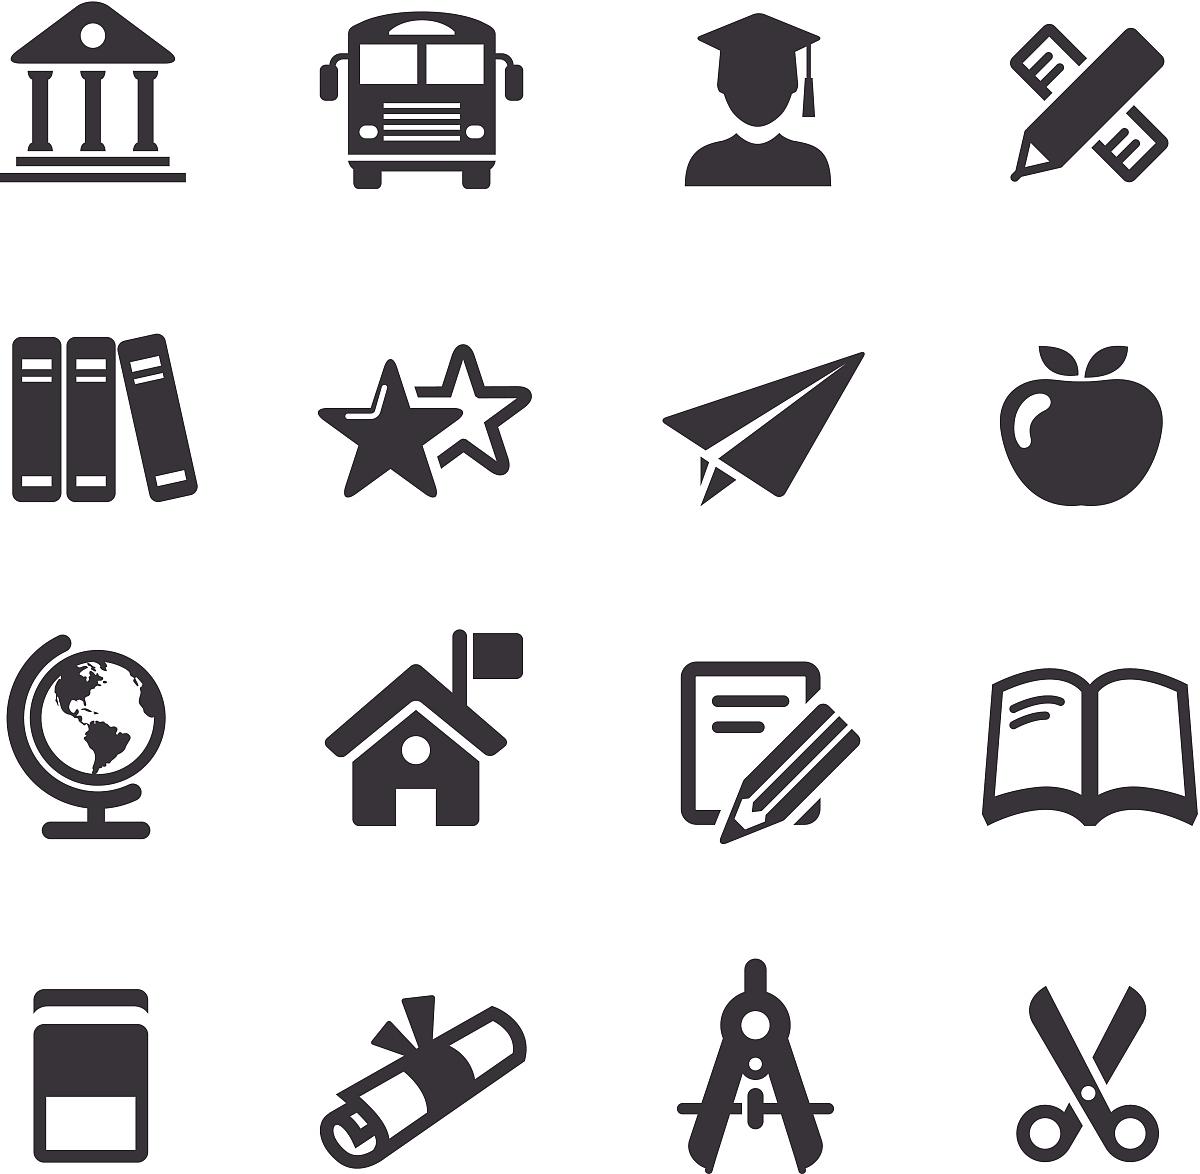 铅笔,图书馆,仅儿童,儿童,几何学,奖,图标,学校,男孩,权威,重返校园图片